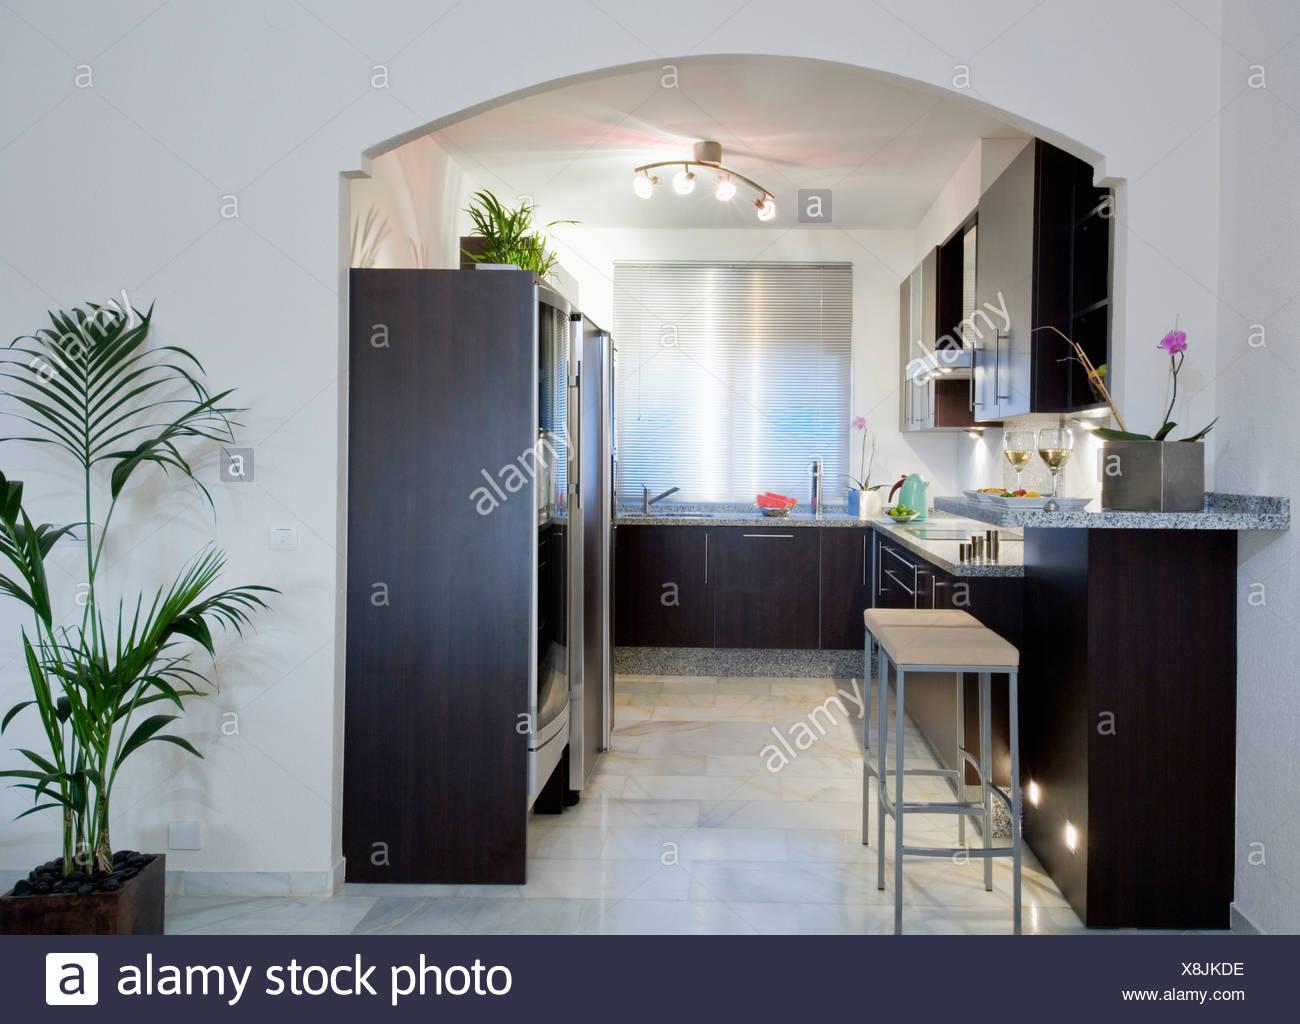 Gemütlich Pantry Küche Beleuchtung Layout Zeitgenössisch - Ideen Für ...